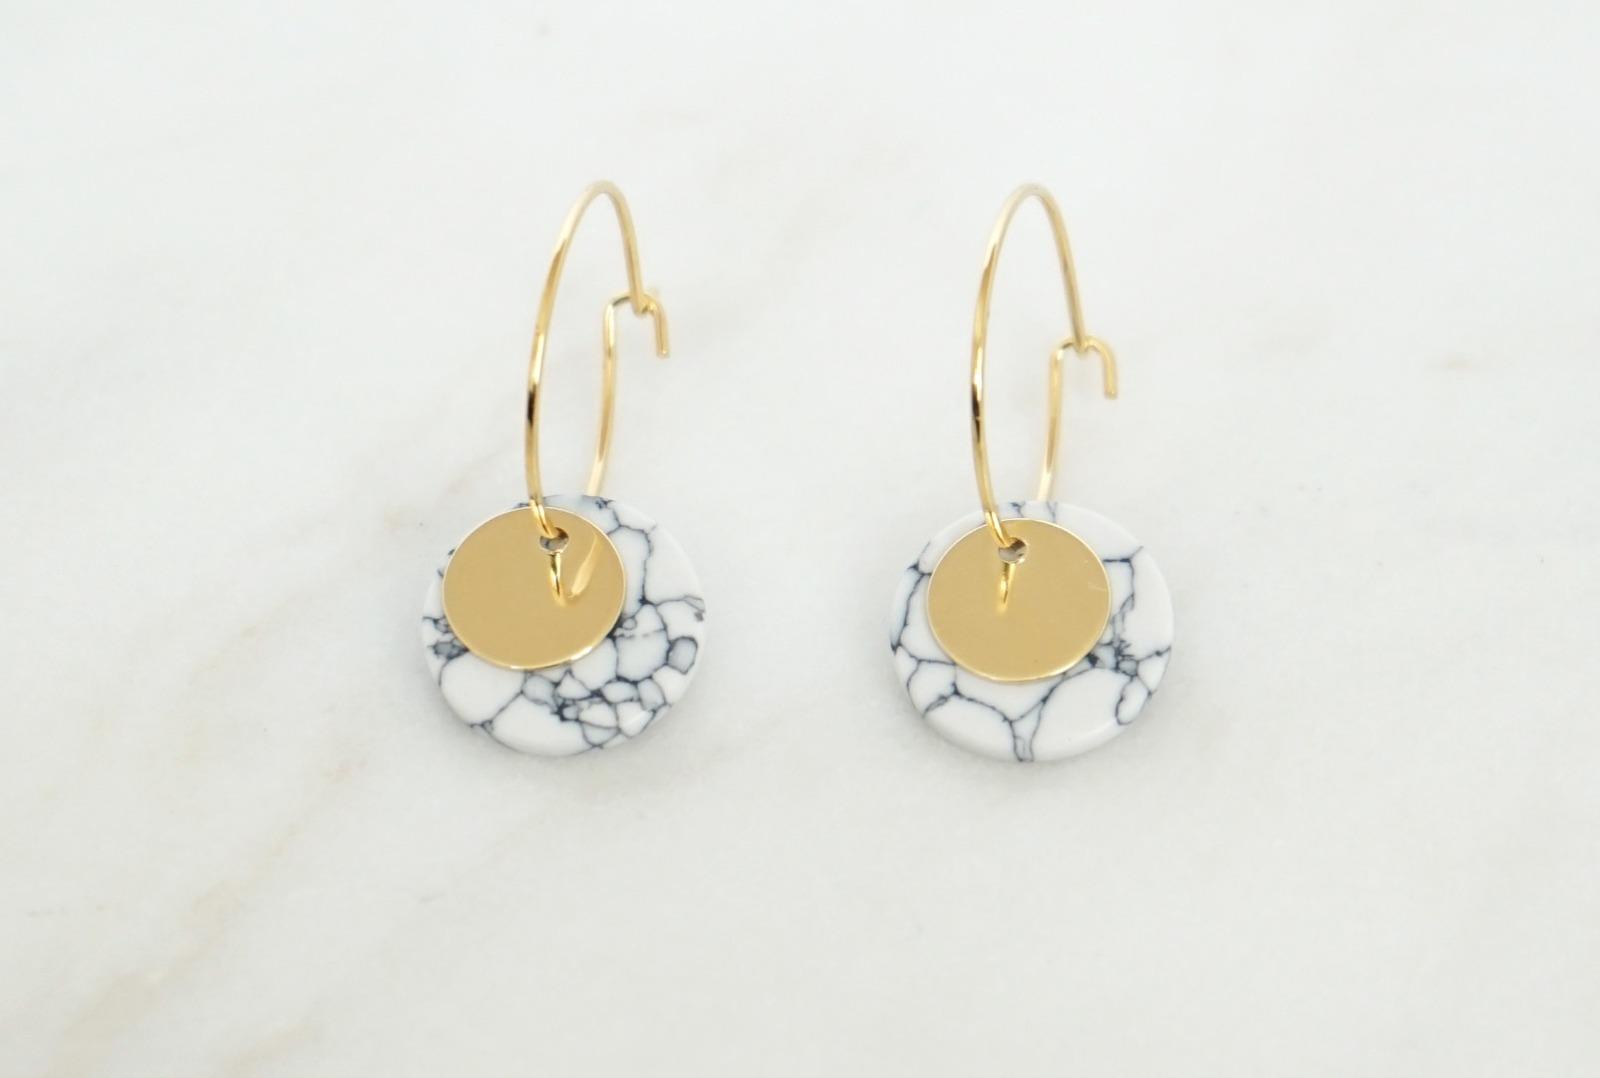 Kleine Creolen Marmorlook mit Goldscheibe, weiß - 1